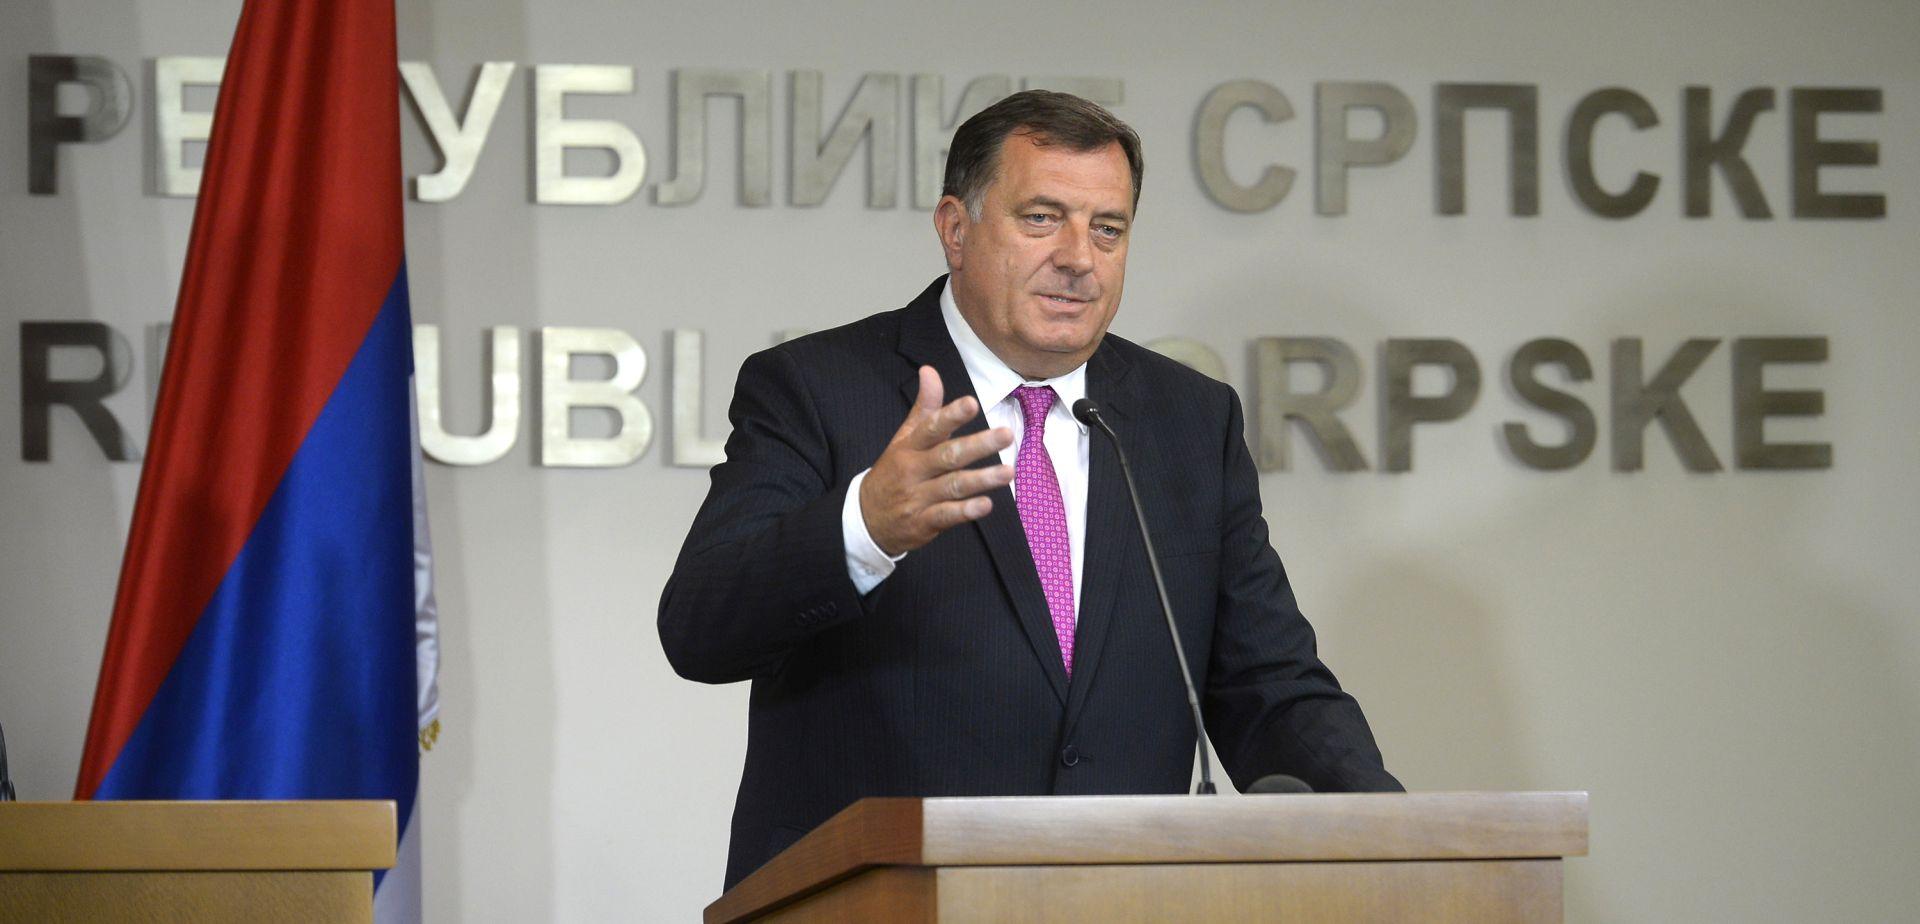 OČEKUJE TRUMPOVU POMOĆ: Dodik zbog sankcija napao američku veleposlanicu